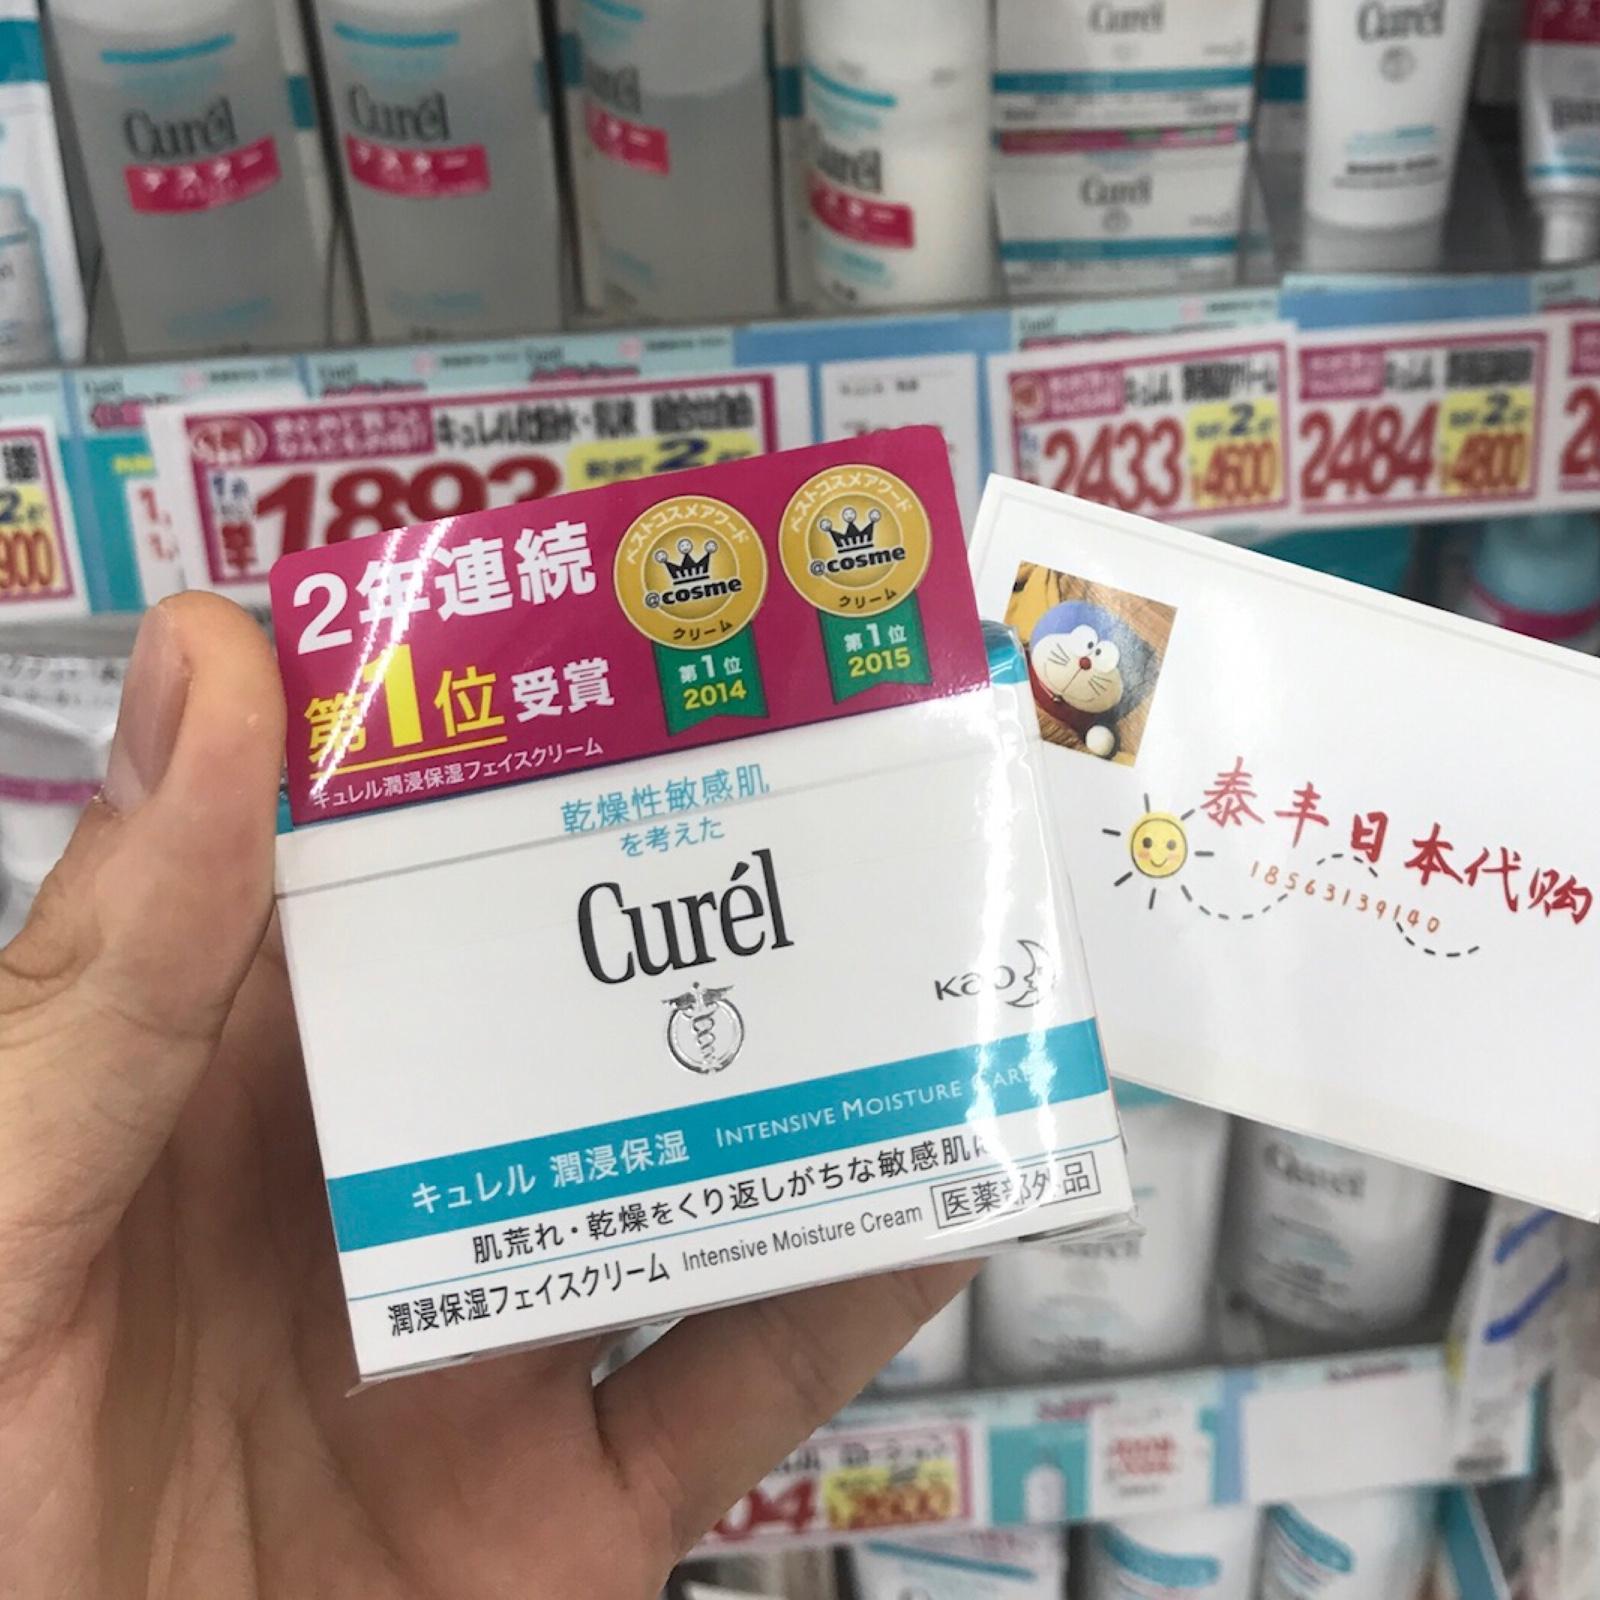 日本curel珂润面霜润浸保湿滋养乳霜40g正品补水面霜/ 滋润霜